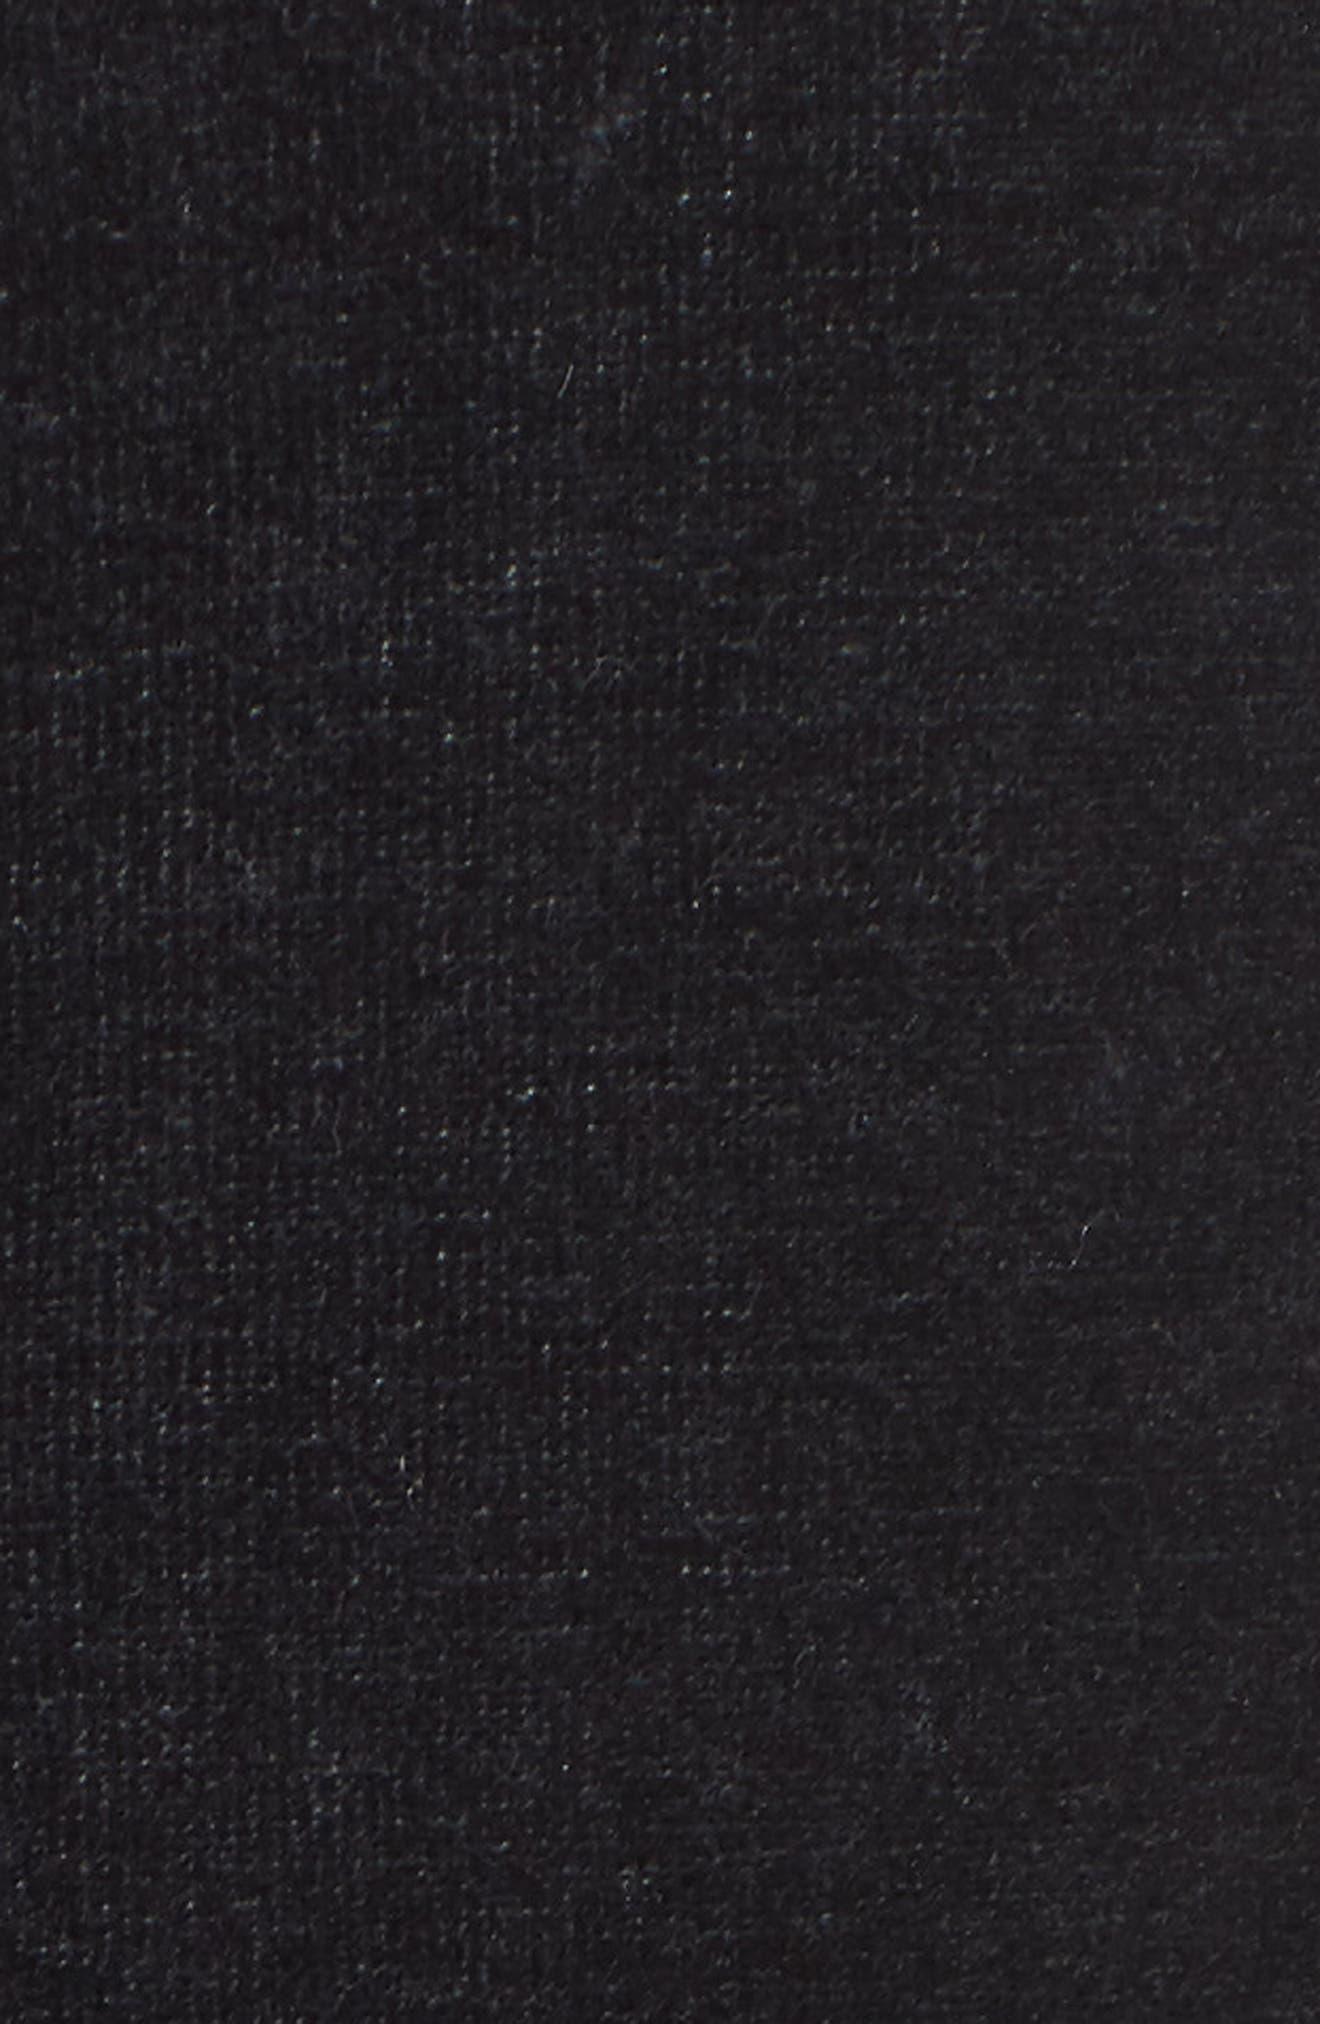 Velour T7 Jumpsuit,                             Alternate thumbnail 5, color,                             001